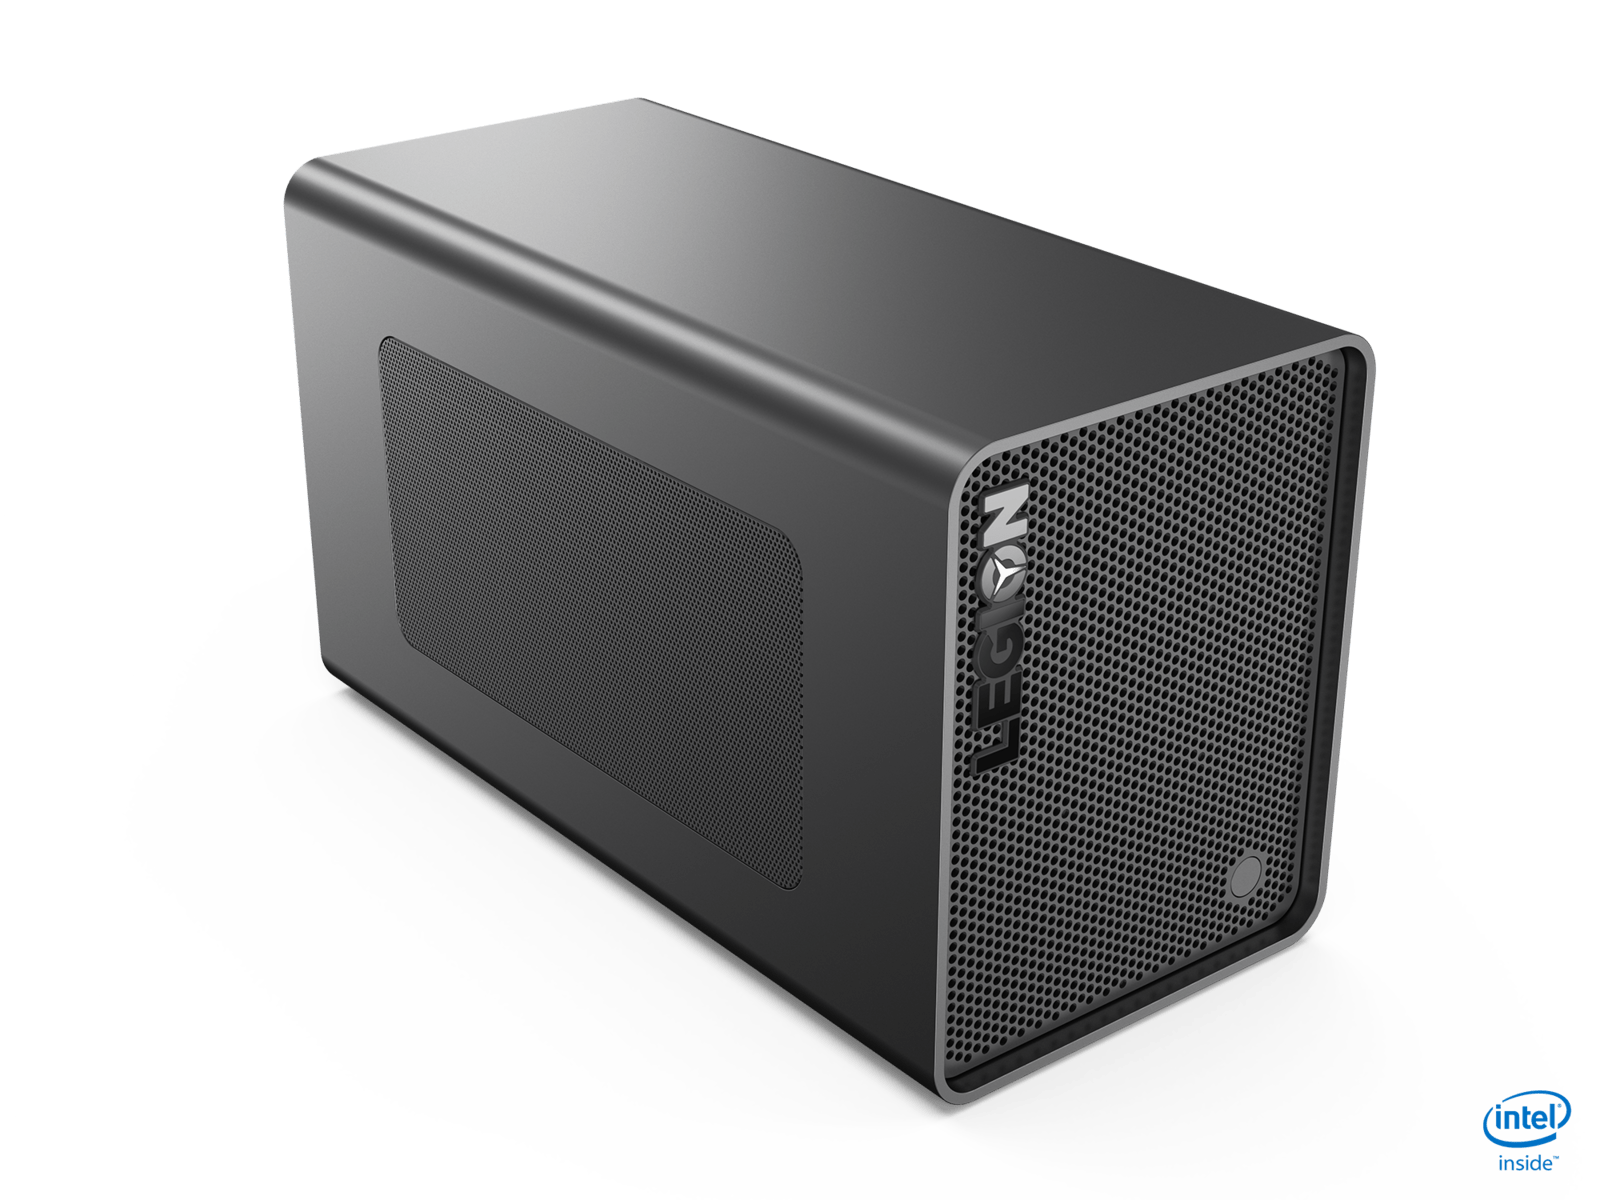 Lenovo dévoile son premier boîtier e-GPU Legion pour GeForce série 20 et Radeon RXs